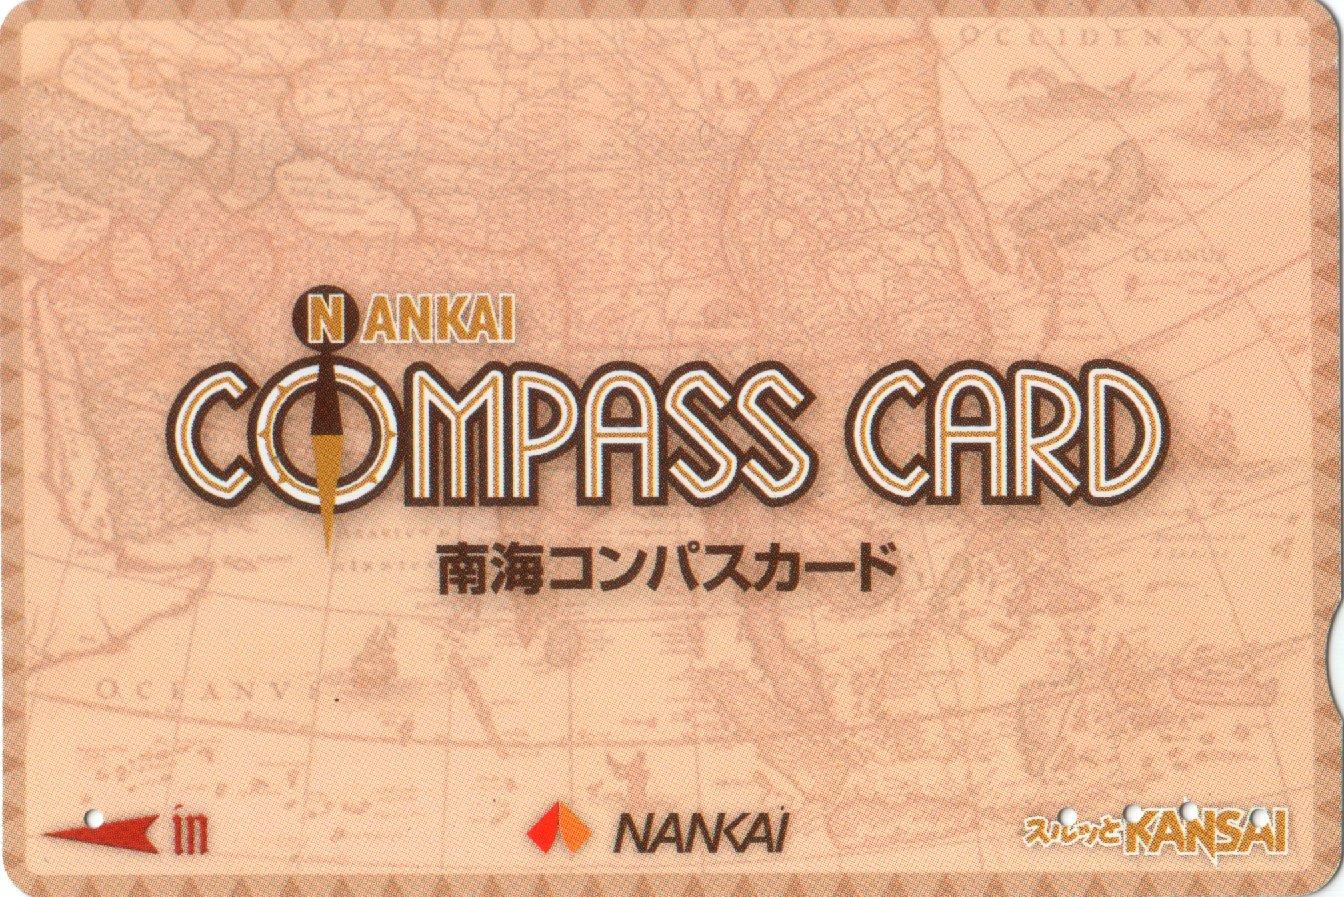 Nankai Compass Card